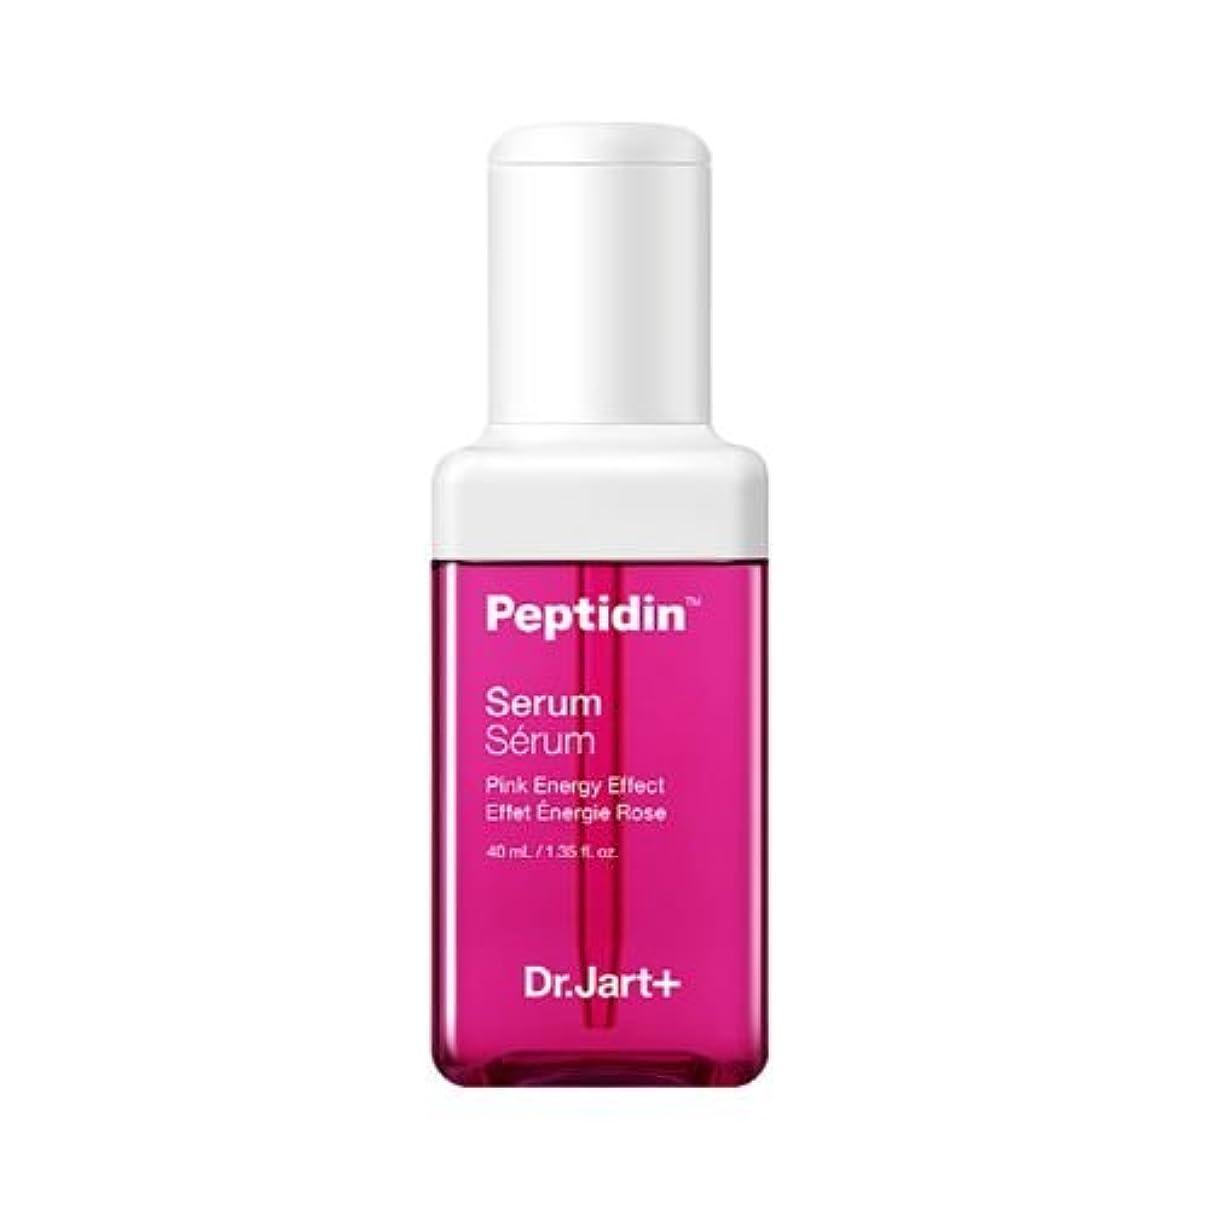 シミュレートするエピソードドライ[DR Jart] Peptidin serum Pink Energy effect ドクタージャルトペプチドディーン セラムピンクエネルギー 40ml[海外直送品] [並行輸入品]